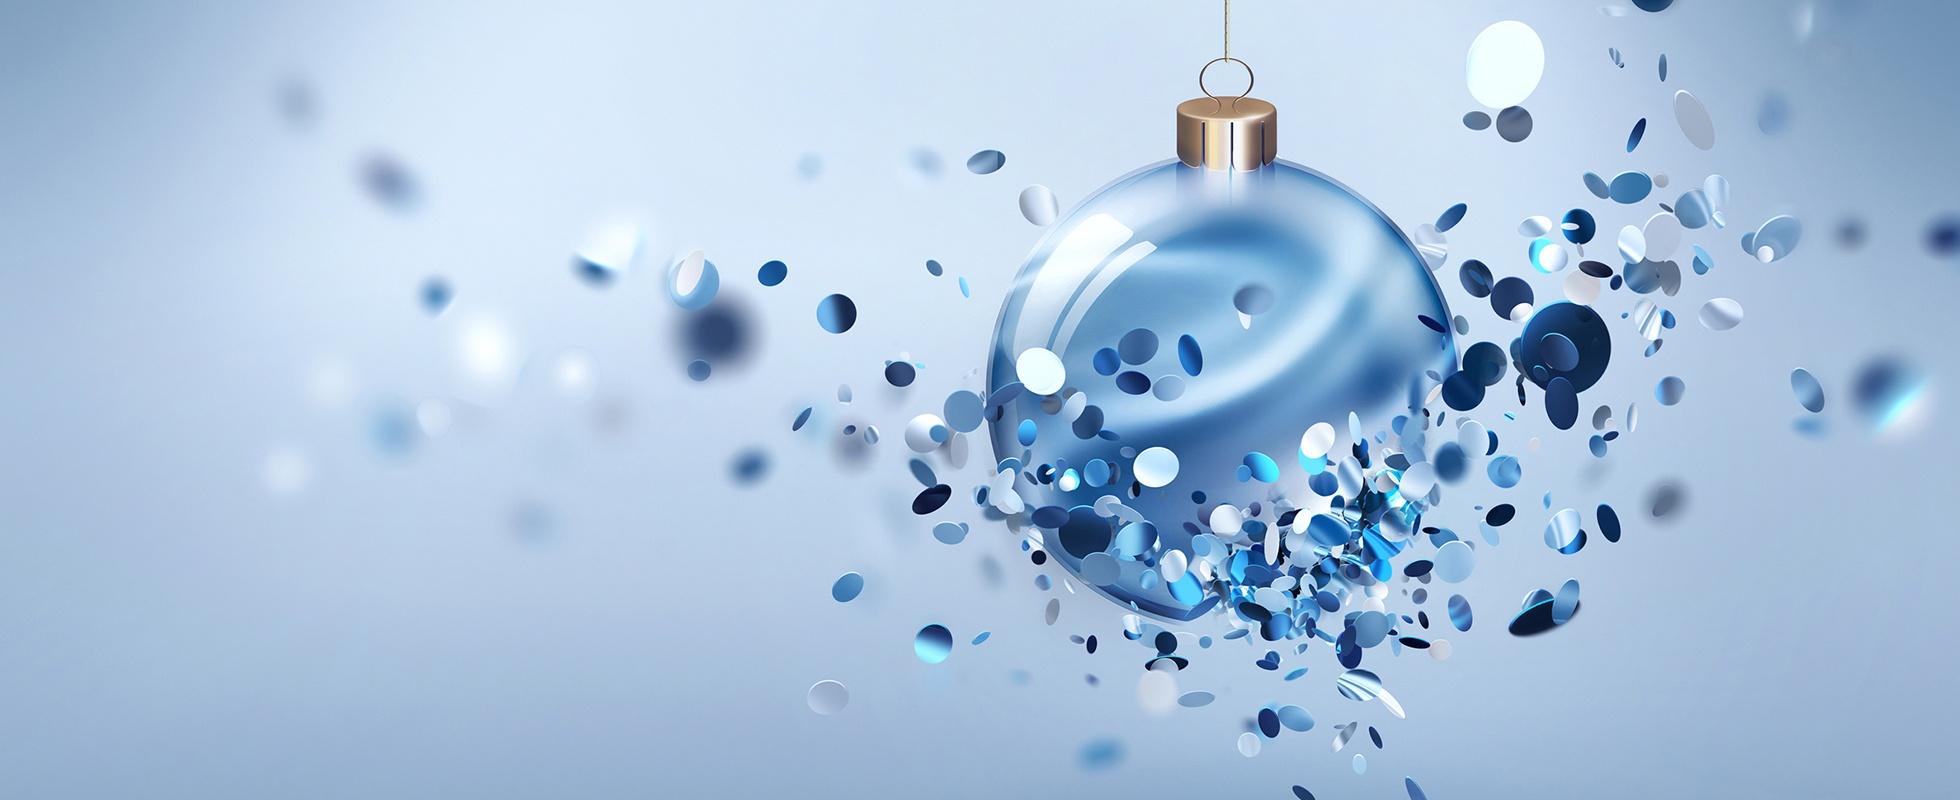 Weihnachts-ecards-fotoshop-ruegen3